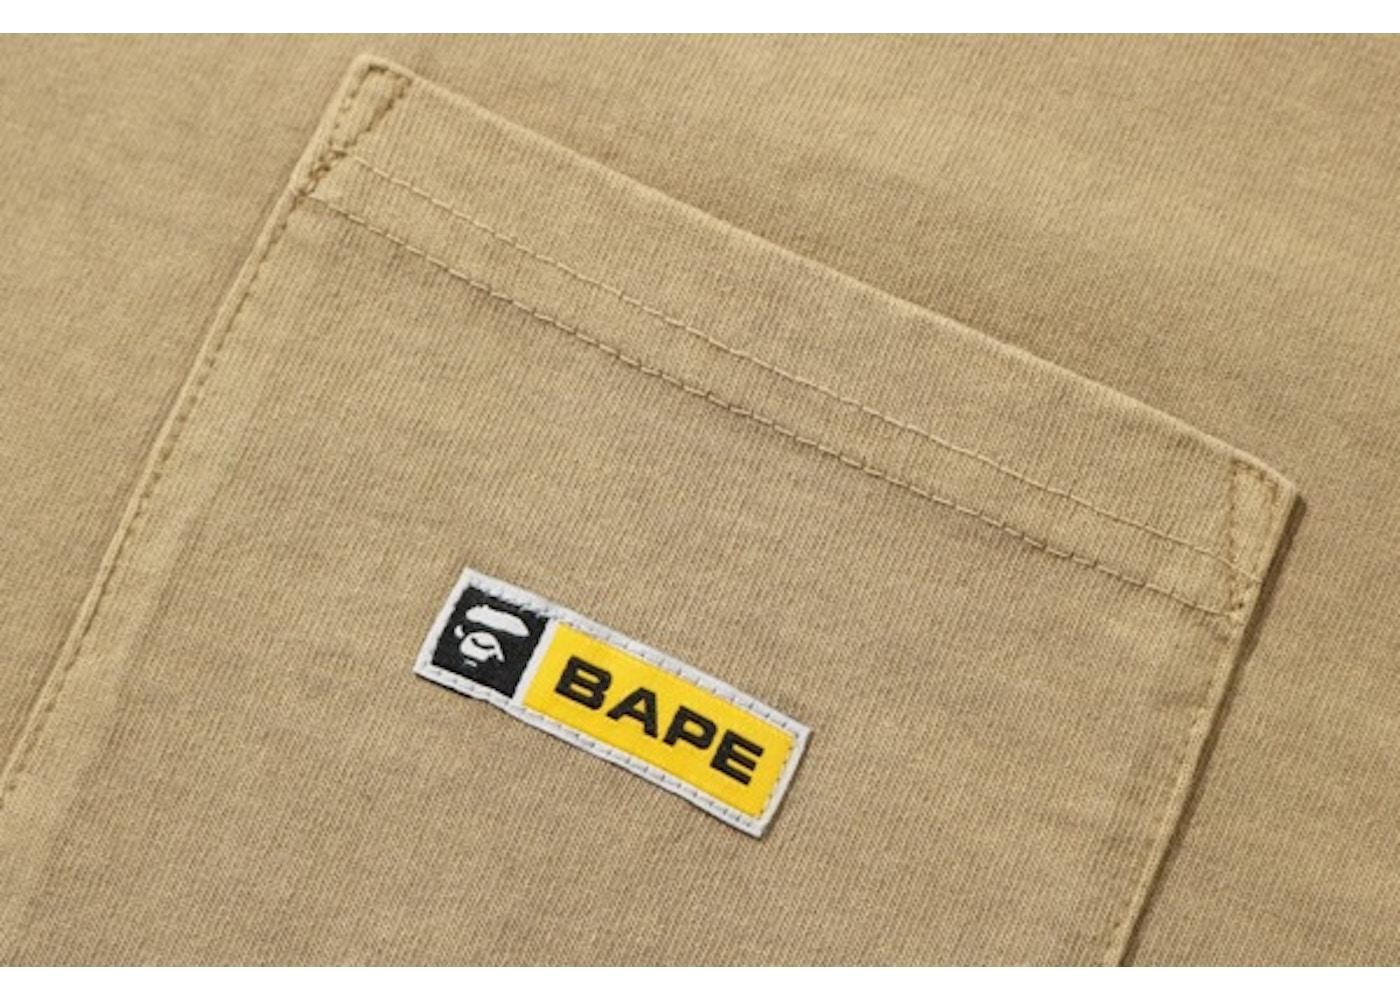 7b8290b1b BAPE Relaxed Pocket LS Tee Beige - SS19